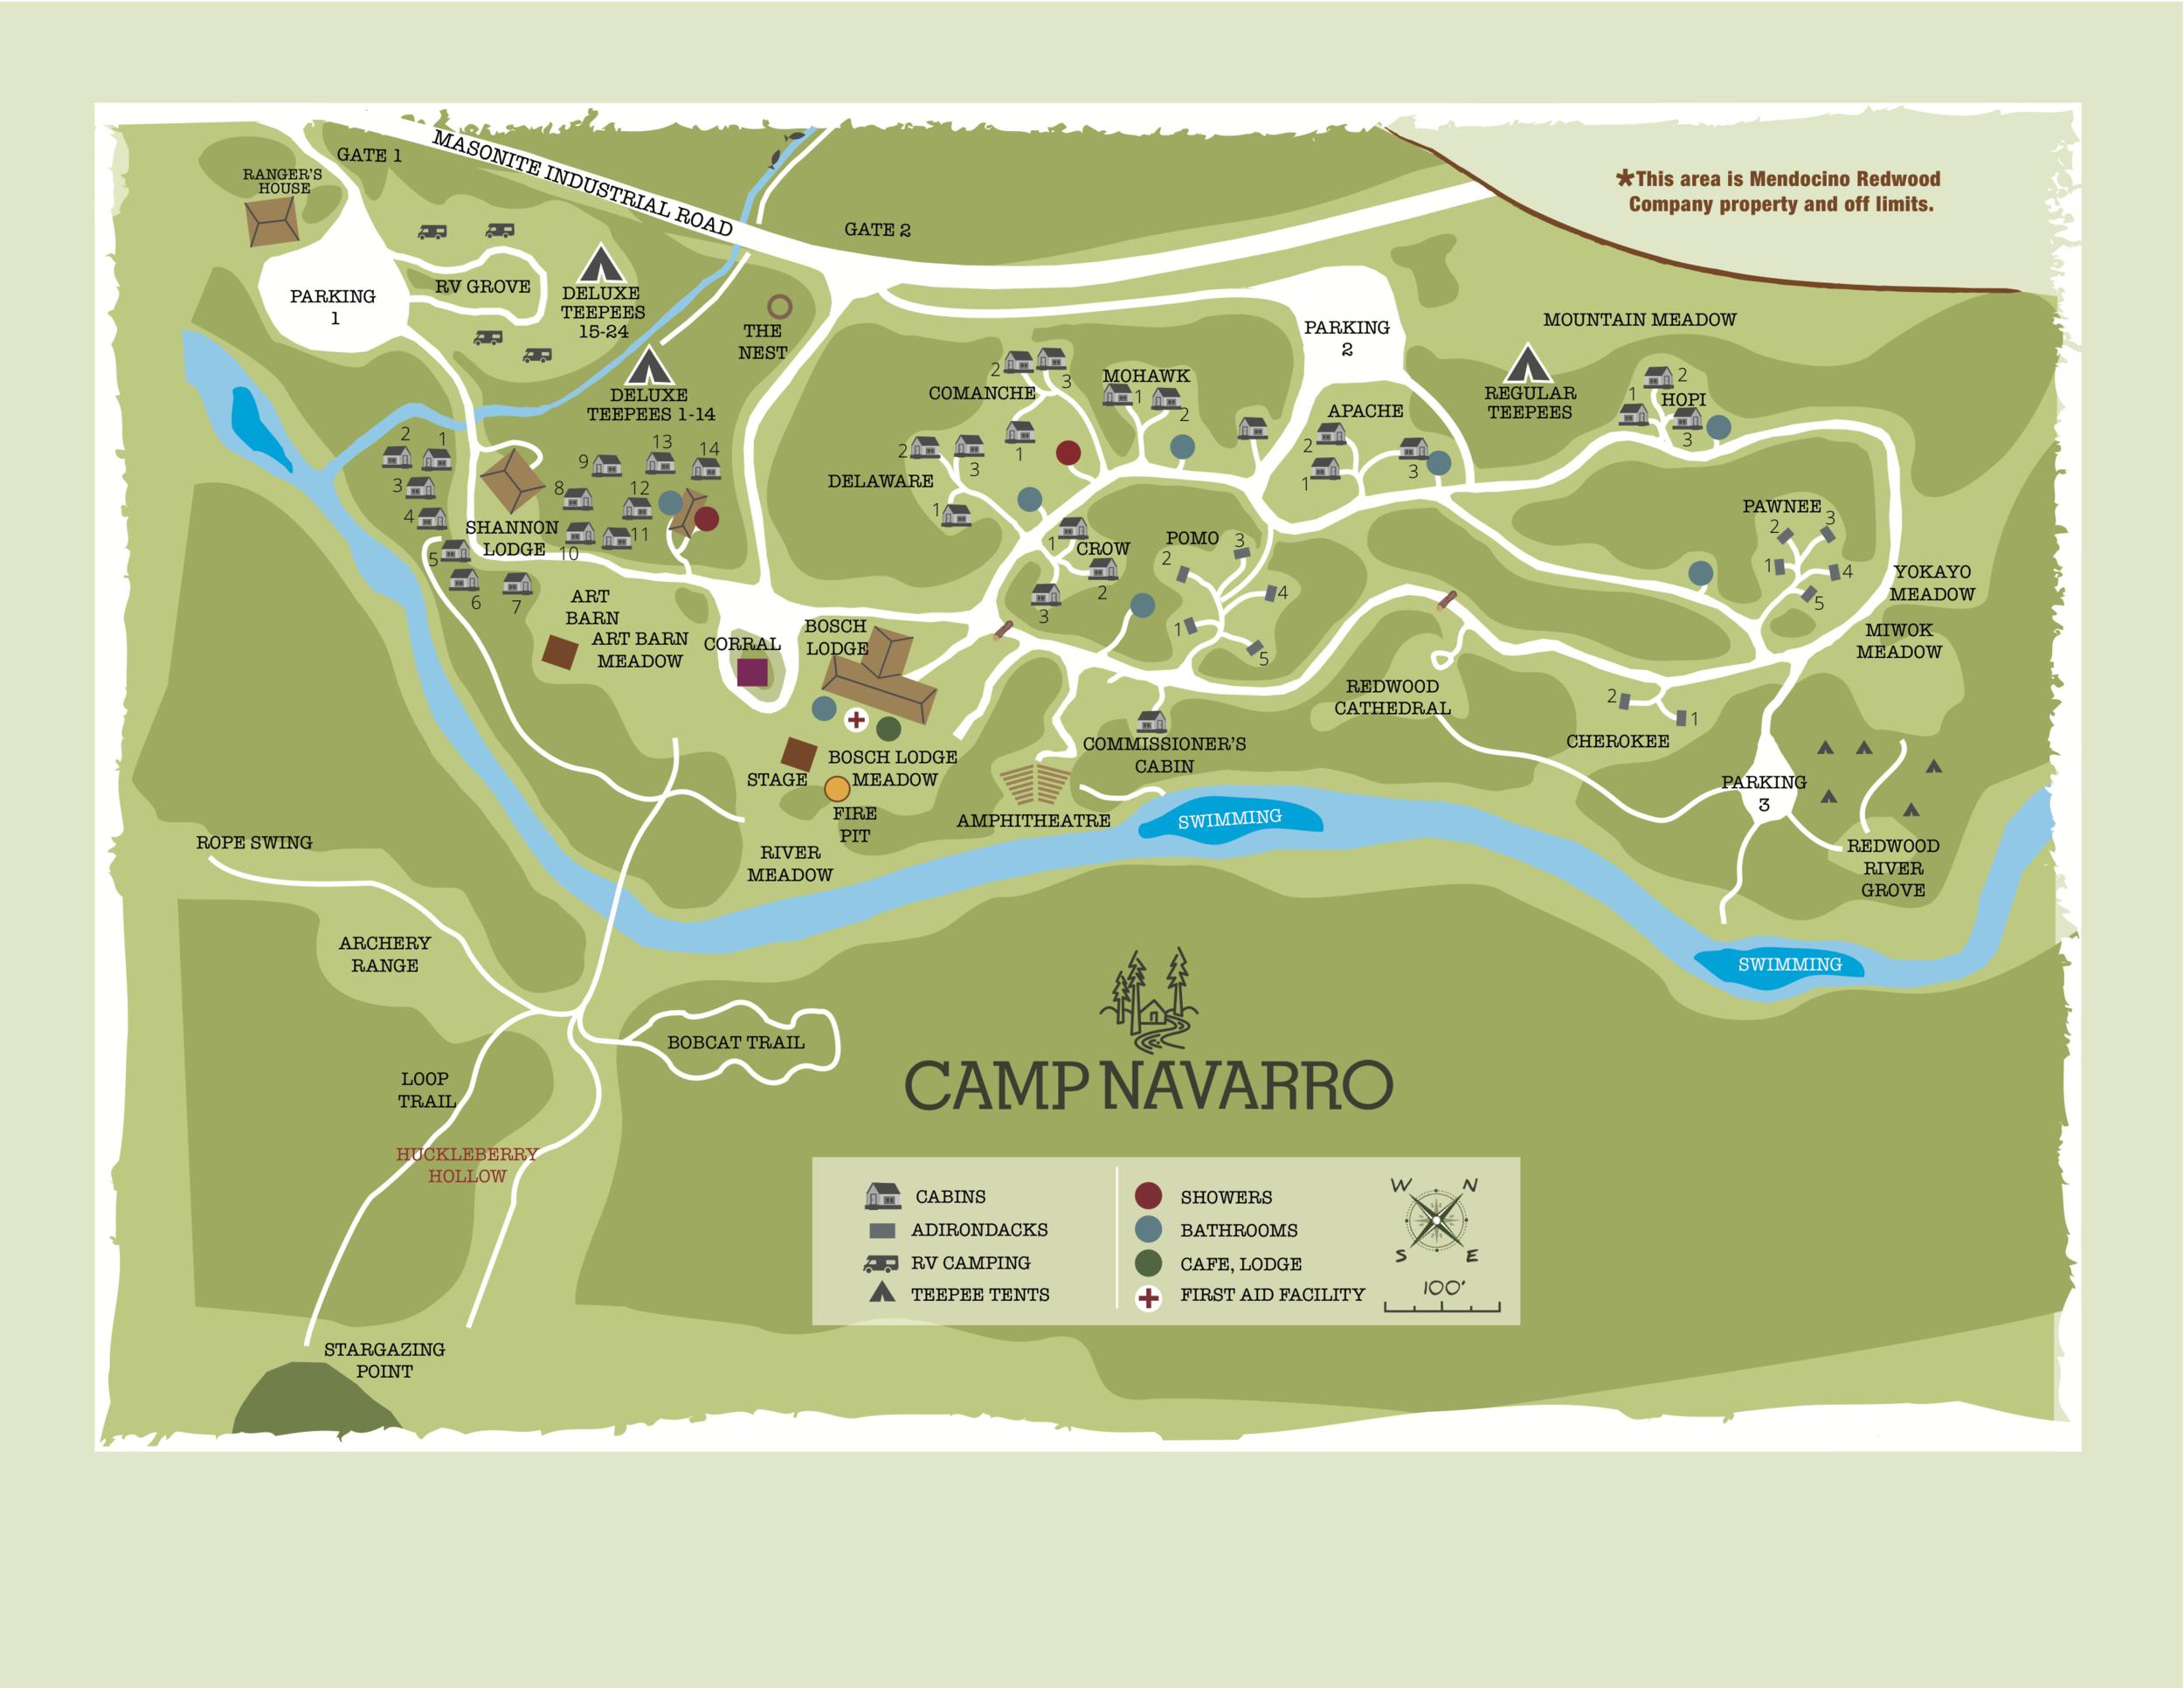 CampNavarroMap.png